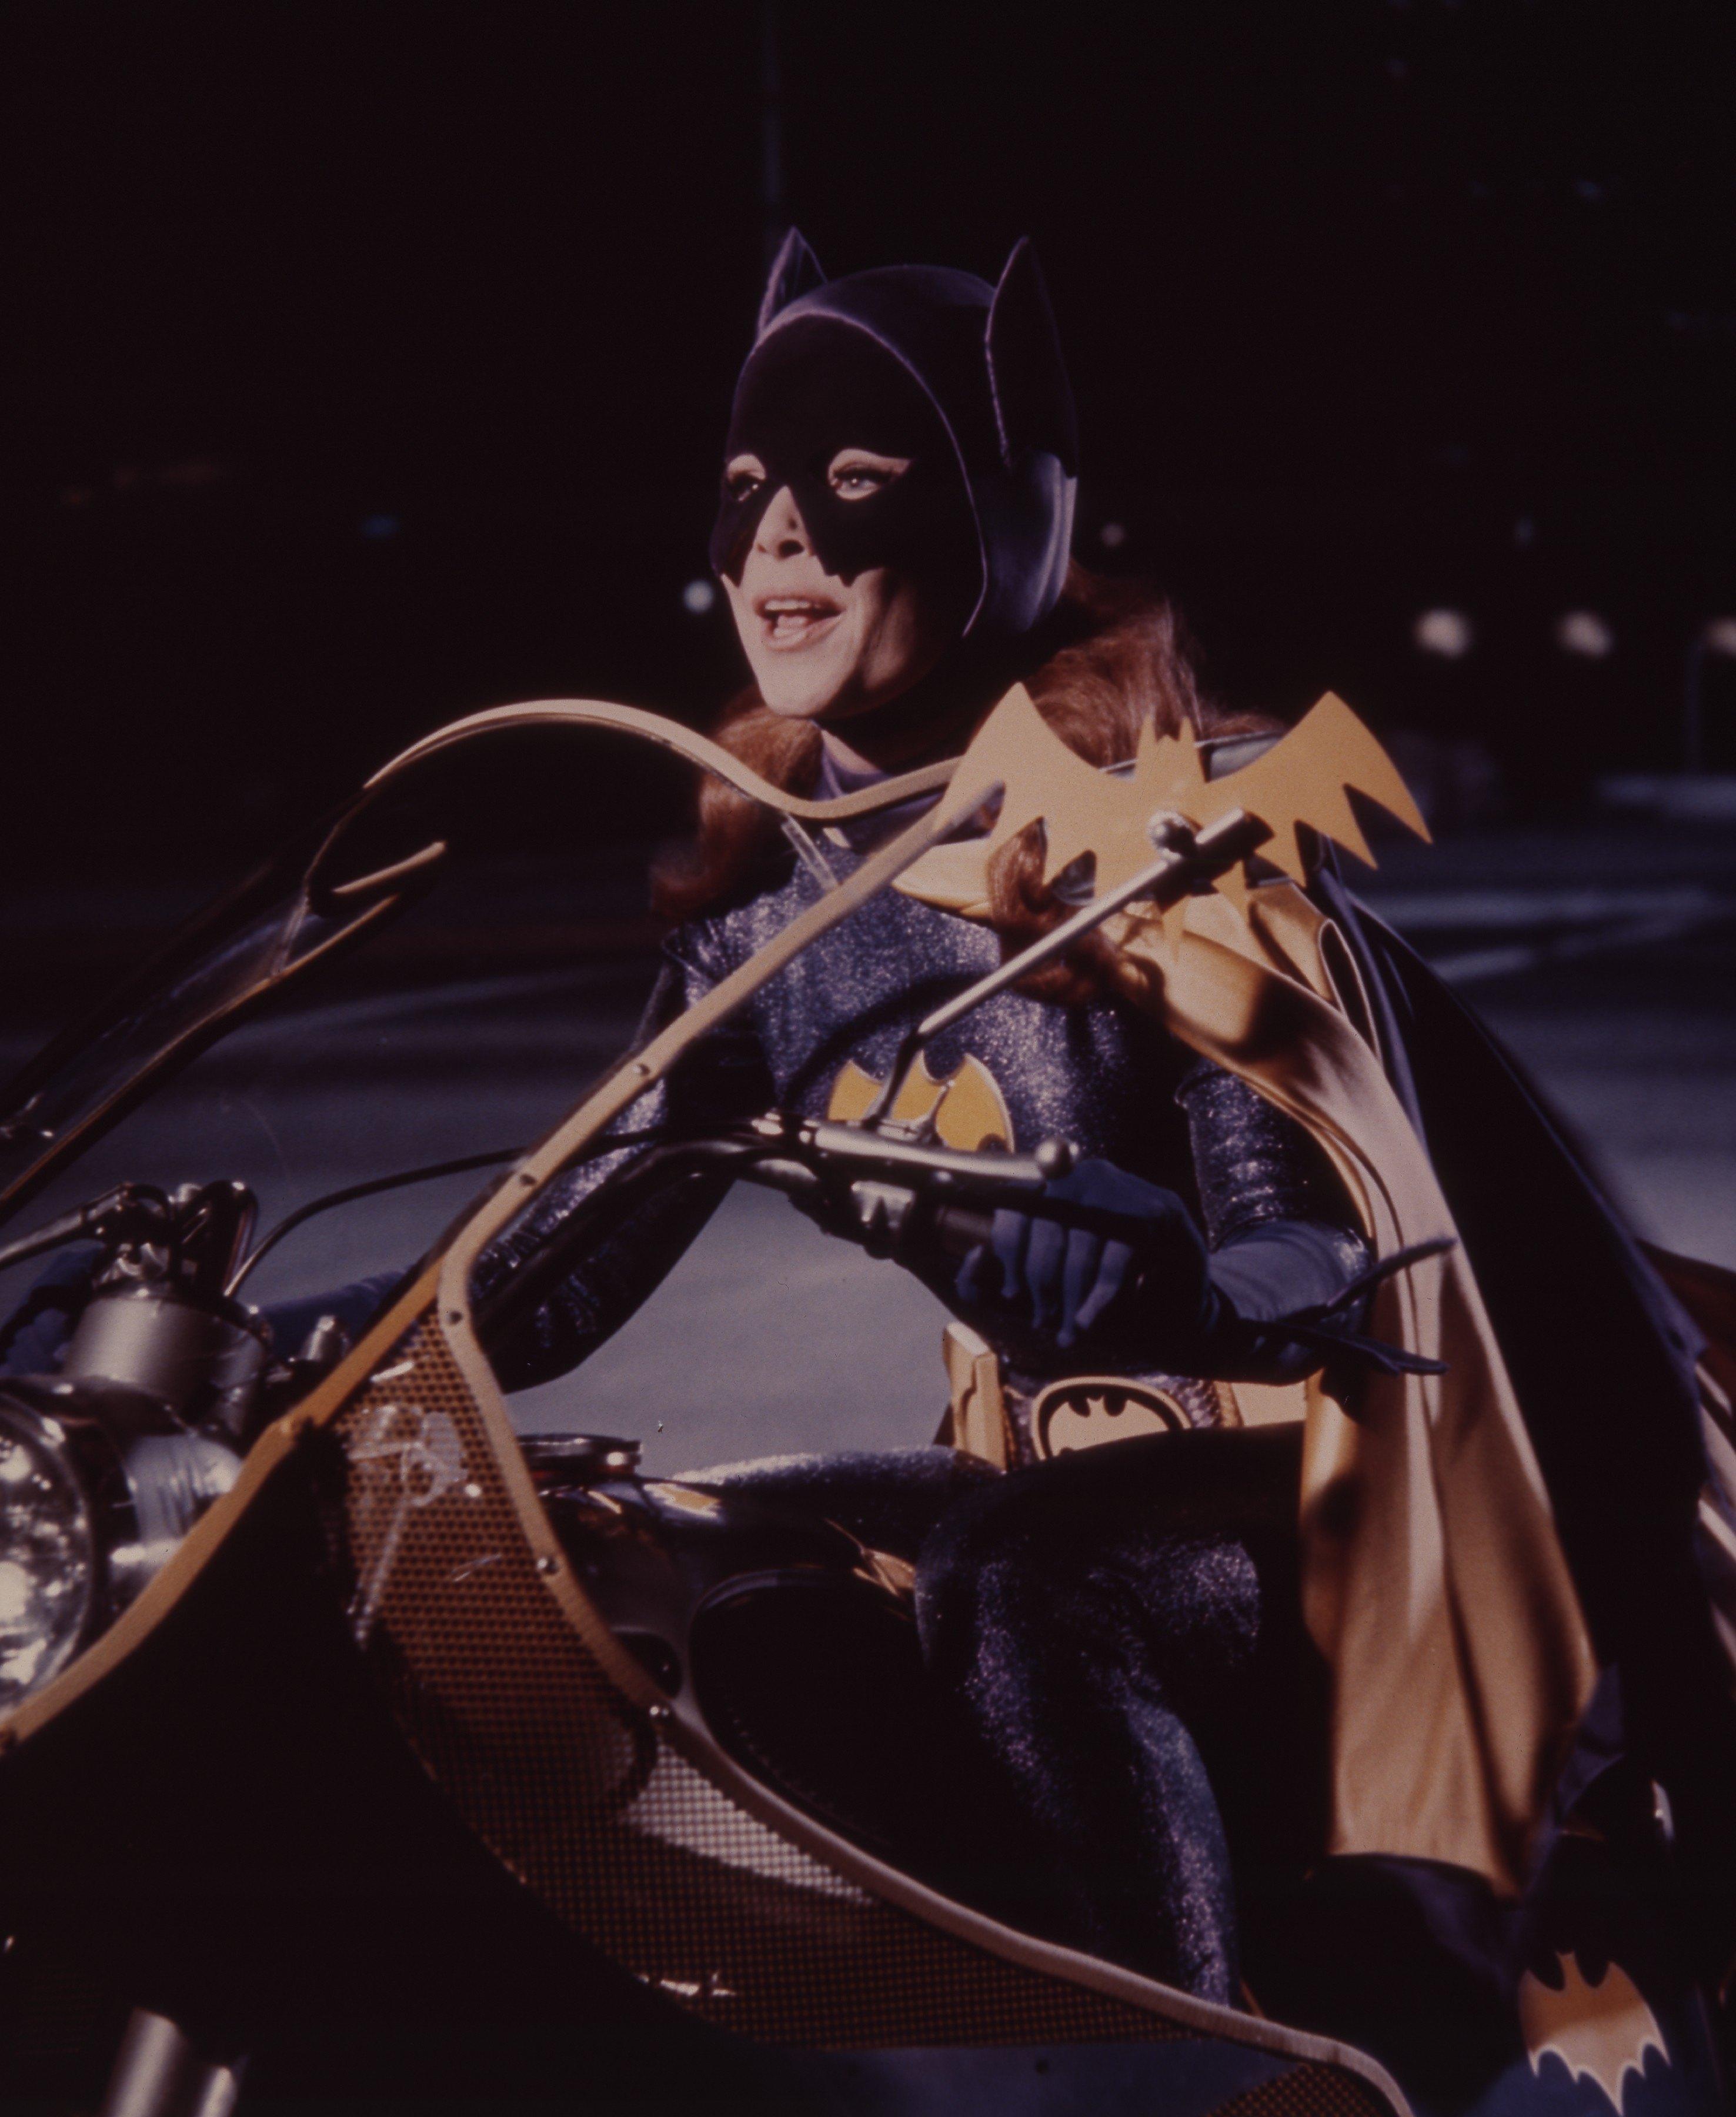 Batgirl Yvonne Craig in 1966–1967